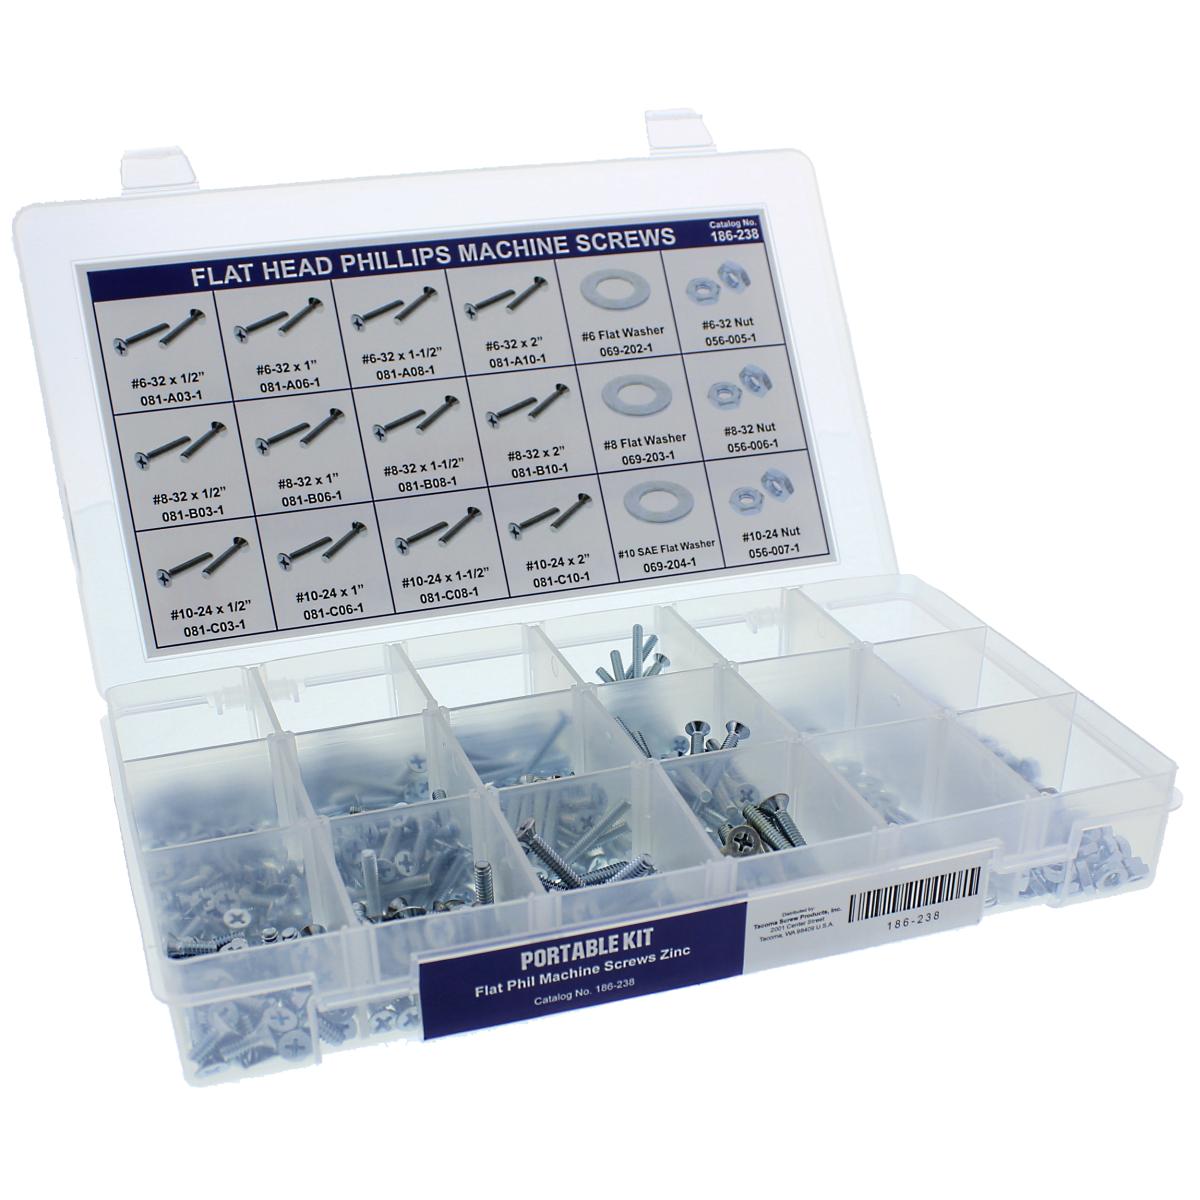 Flat Head Phillips Machine Screws Portable Kit Assortment, Steel, Zinc